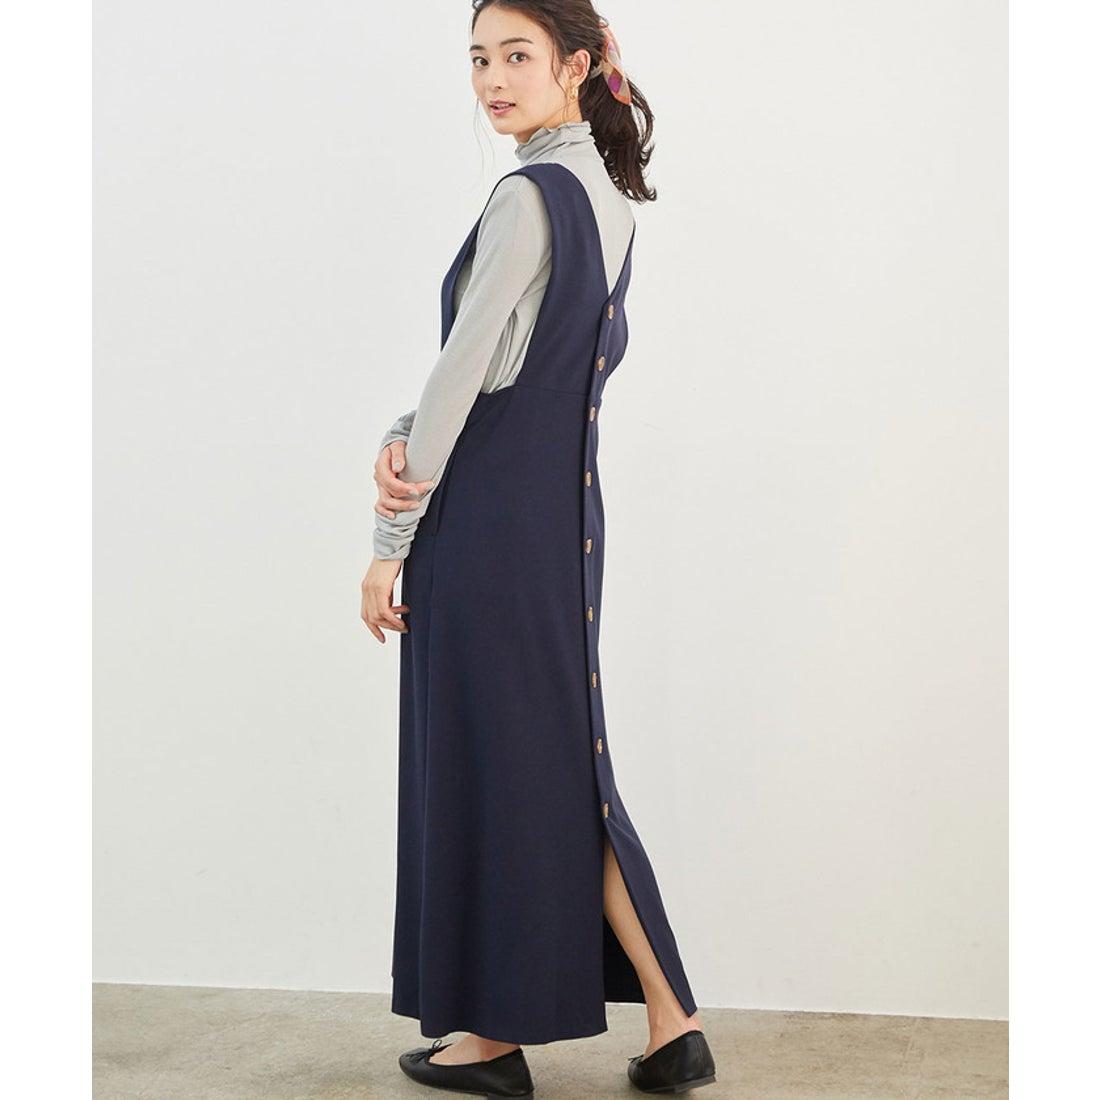 ロコンド 靴とファッションの通販サイトROPE' PICNIC 【新色追加】バック釦ジャンパースカート(ネイビー(40))【返品不可商品】